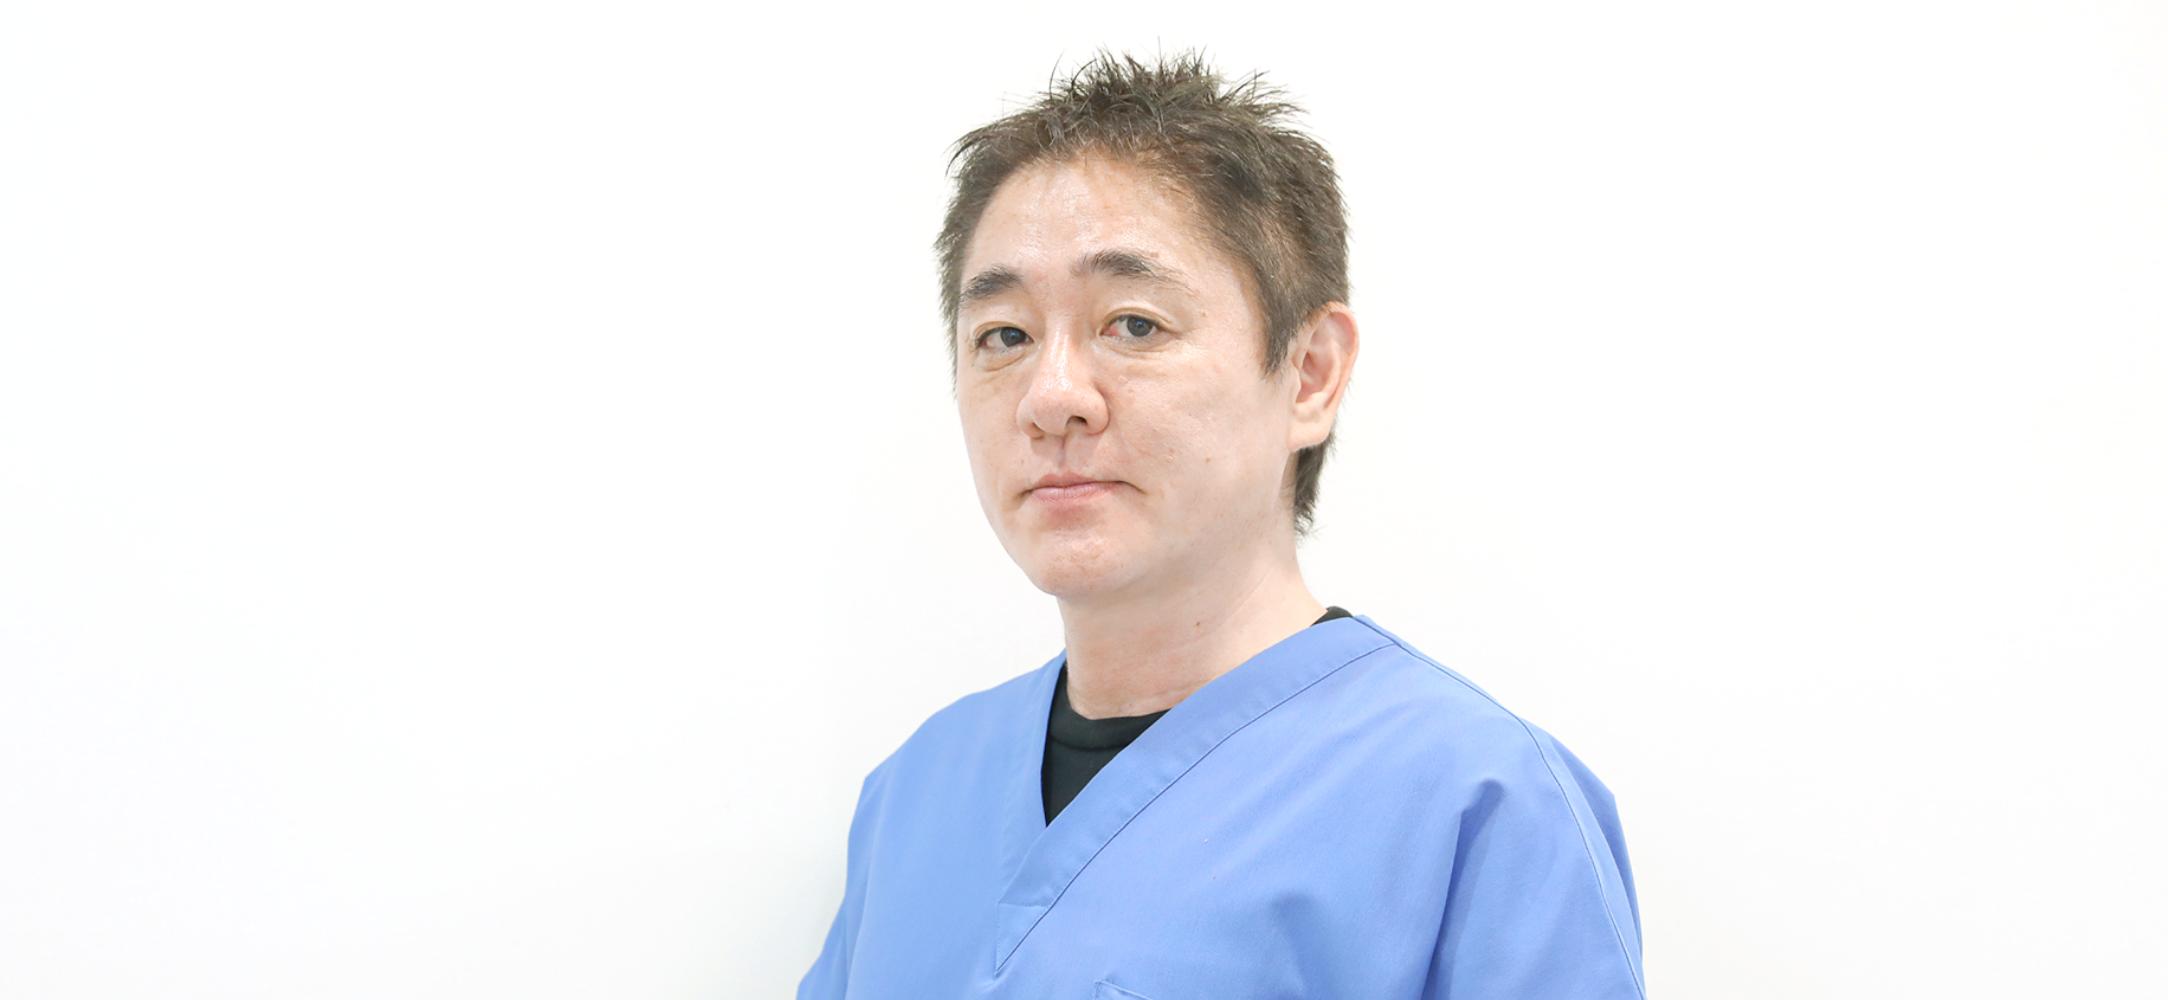 平島 徹朗 医師からみなさまへご挨拶